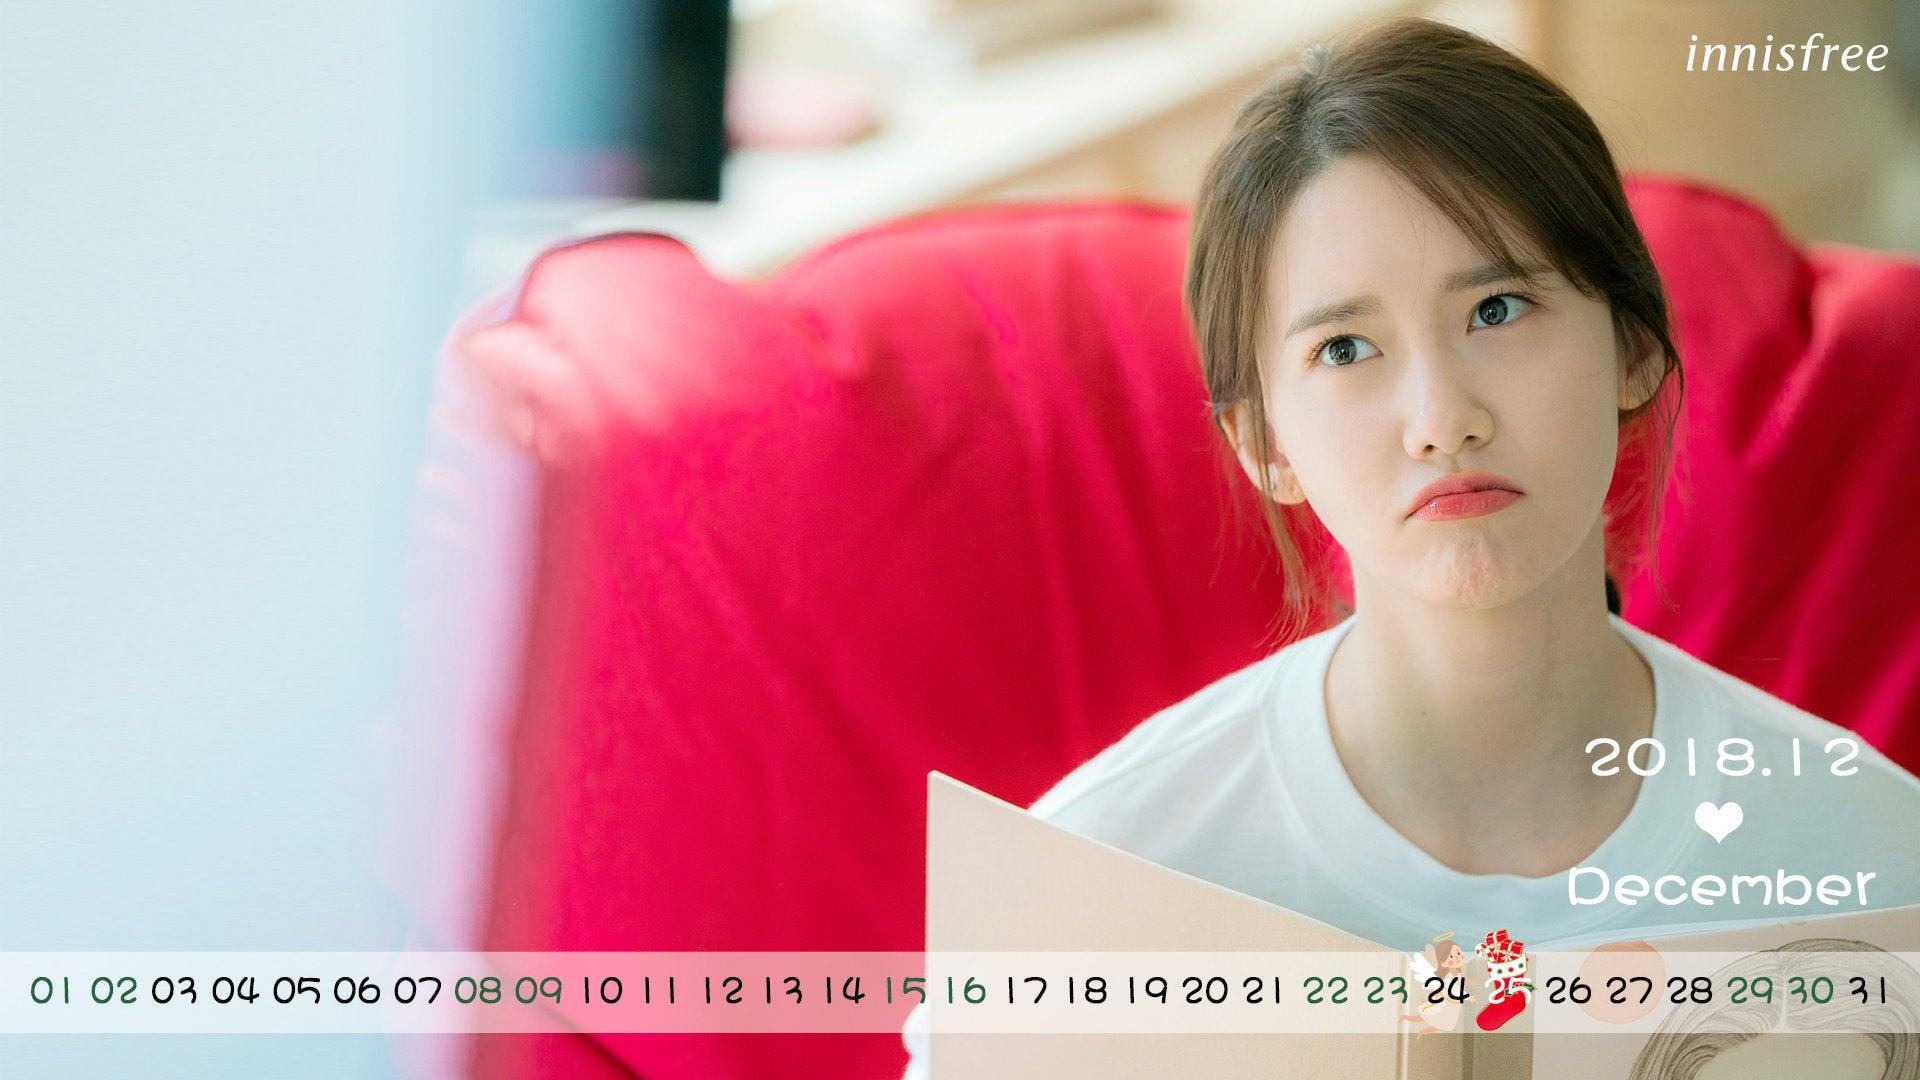 181130 少女時代 ユナ Innisfree 2018年12月カレンダー 高画質画像